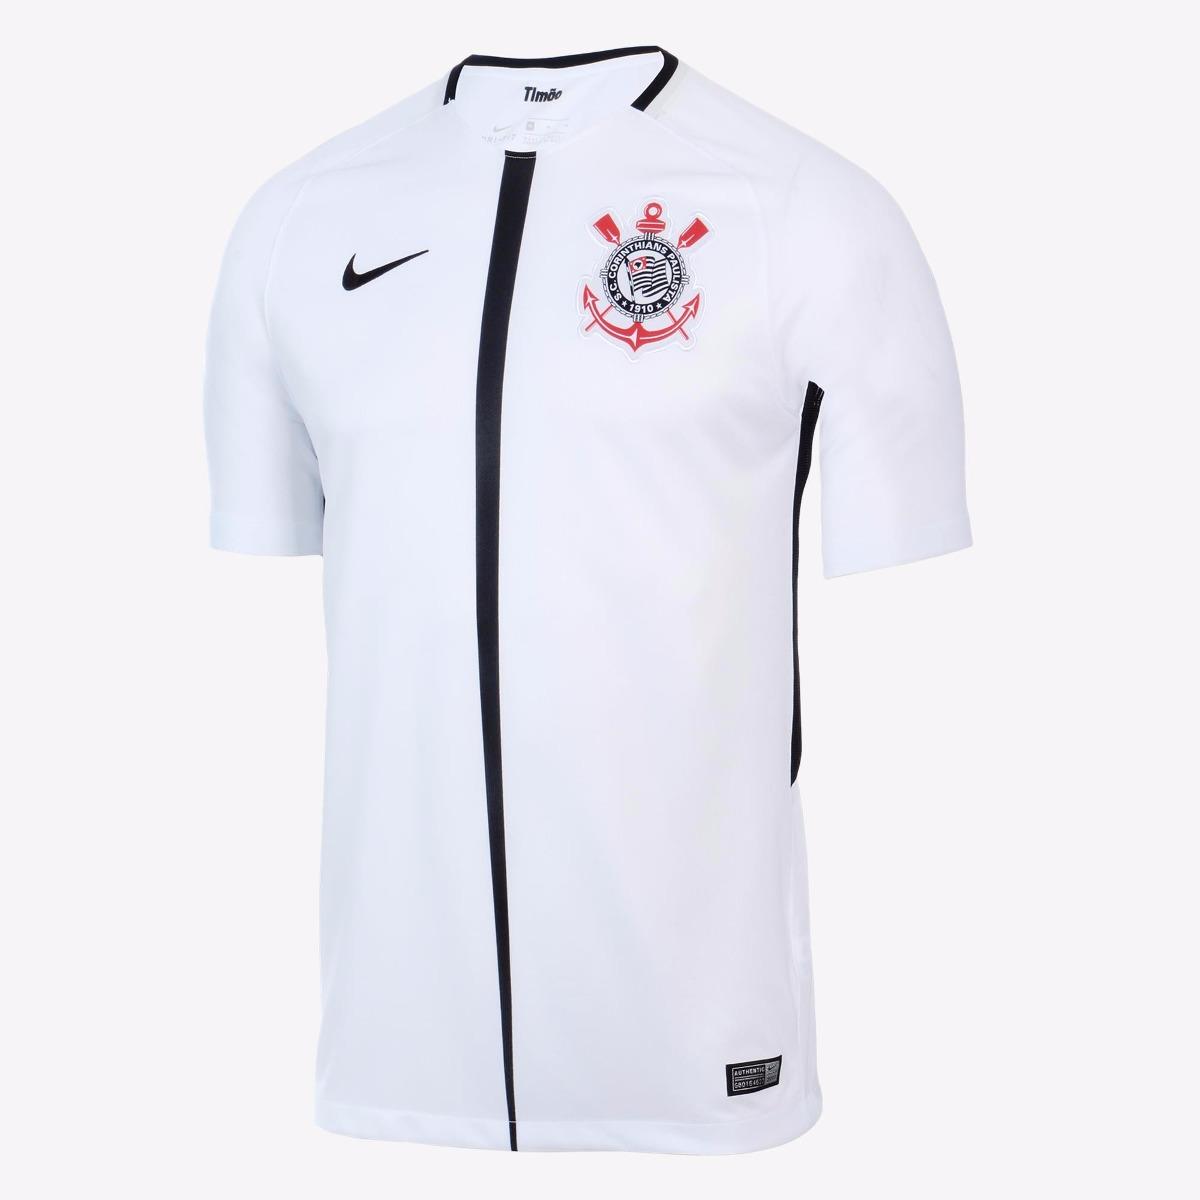 08fefe6f6e camisa corinthians nike oficial 2017 pronta entrega. Carregando zoom.